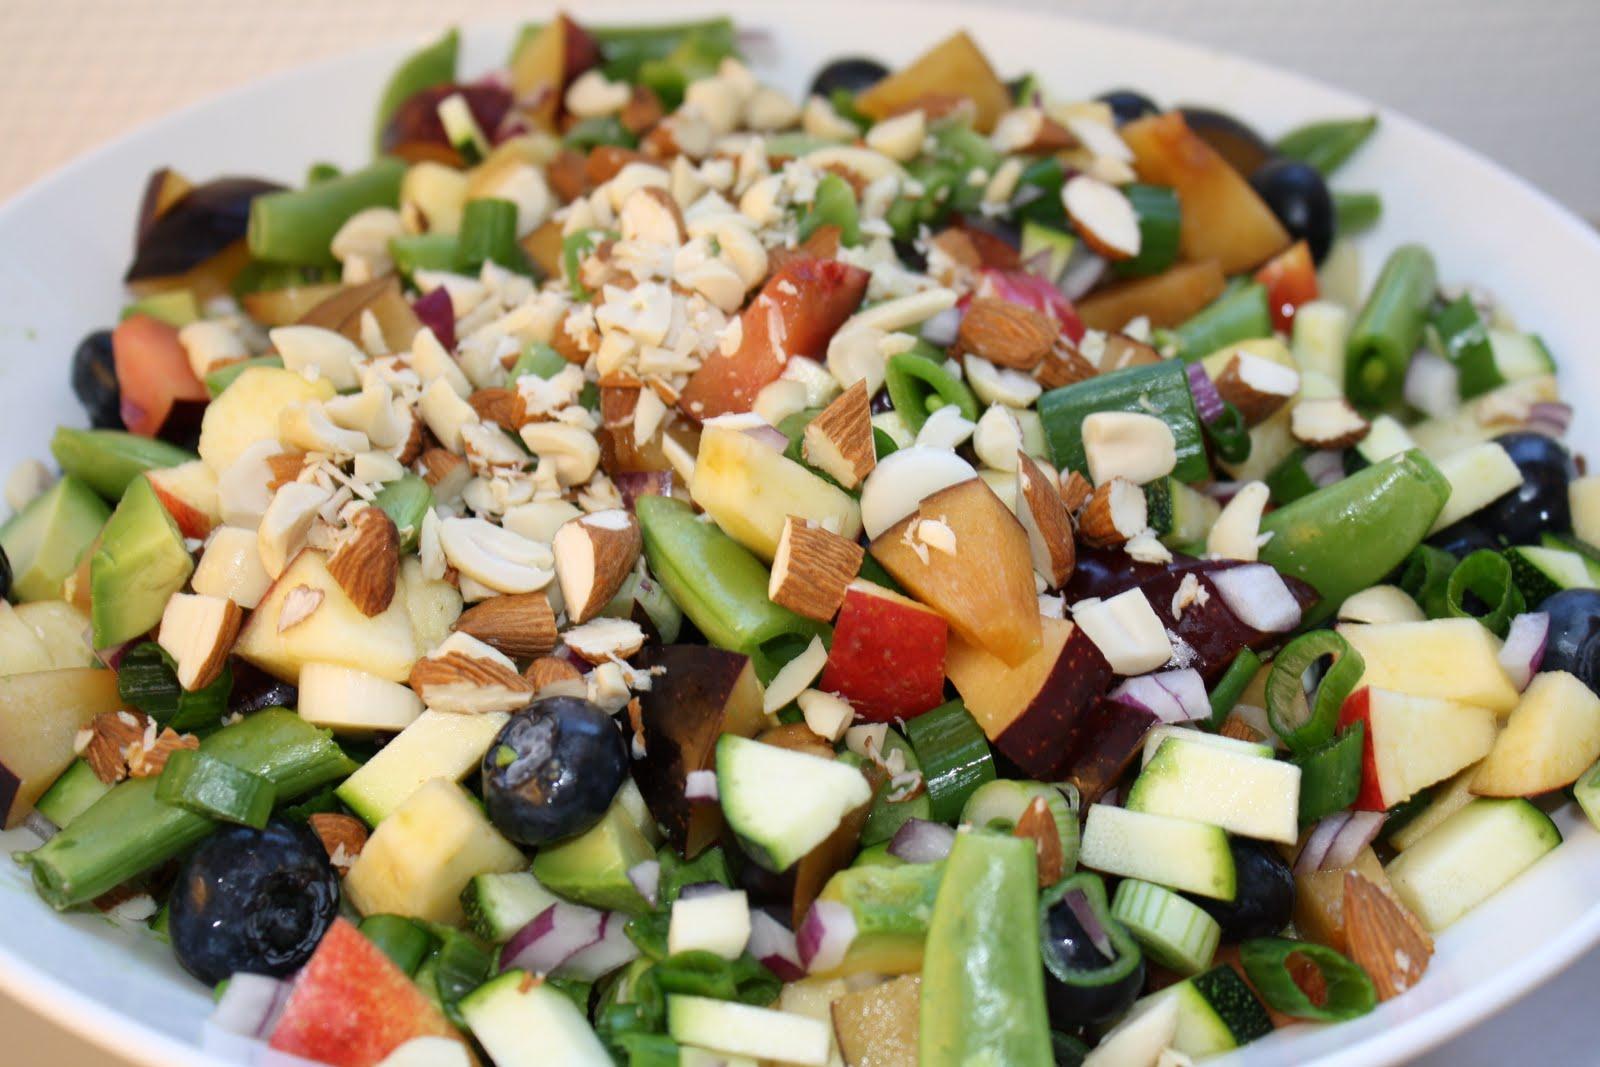 salat med ble avocado og citronolie.